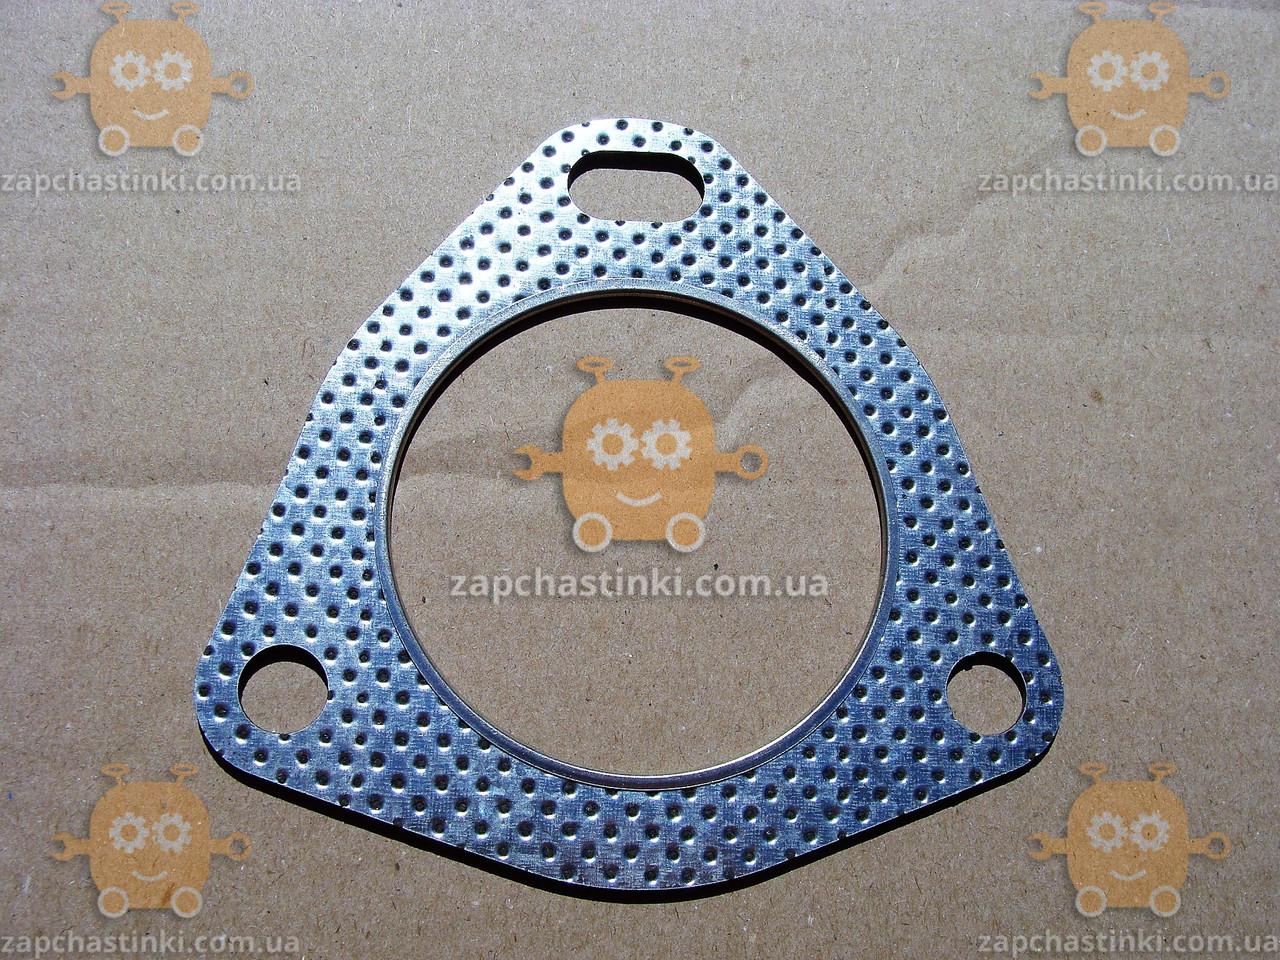 Прокладка катализатора Daewoo LANOS отверстие ф70мм (3 болта) (пр-во Корея) ЕЕ 5562